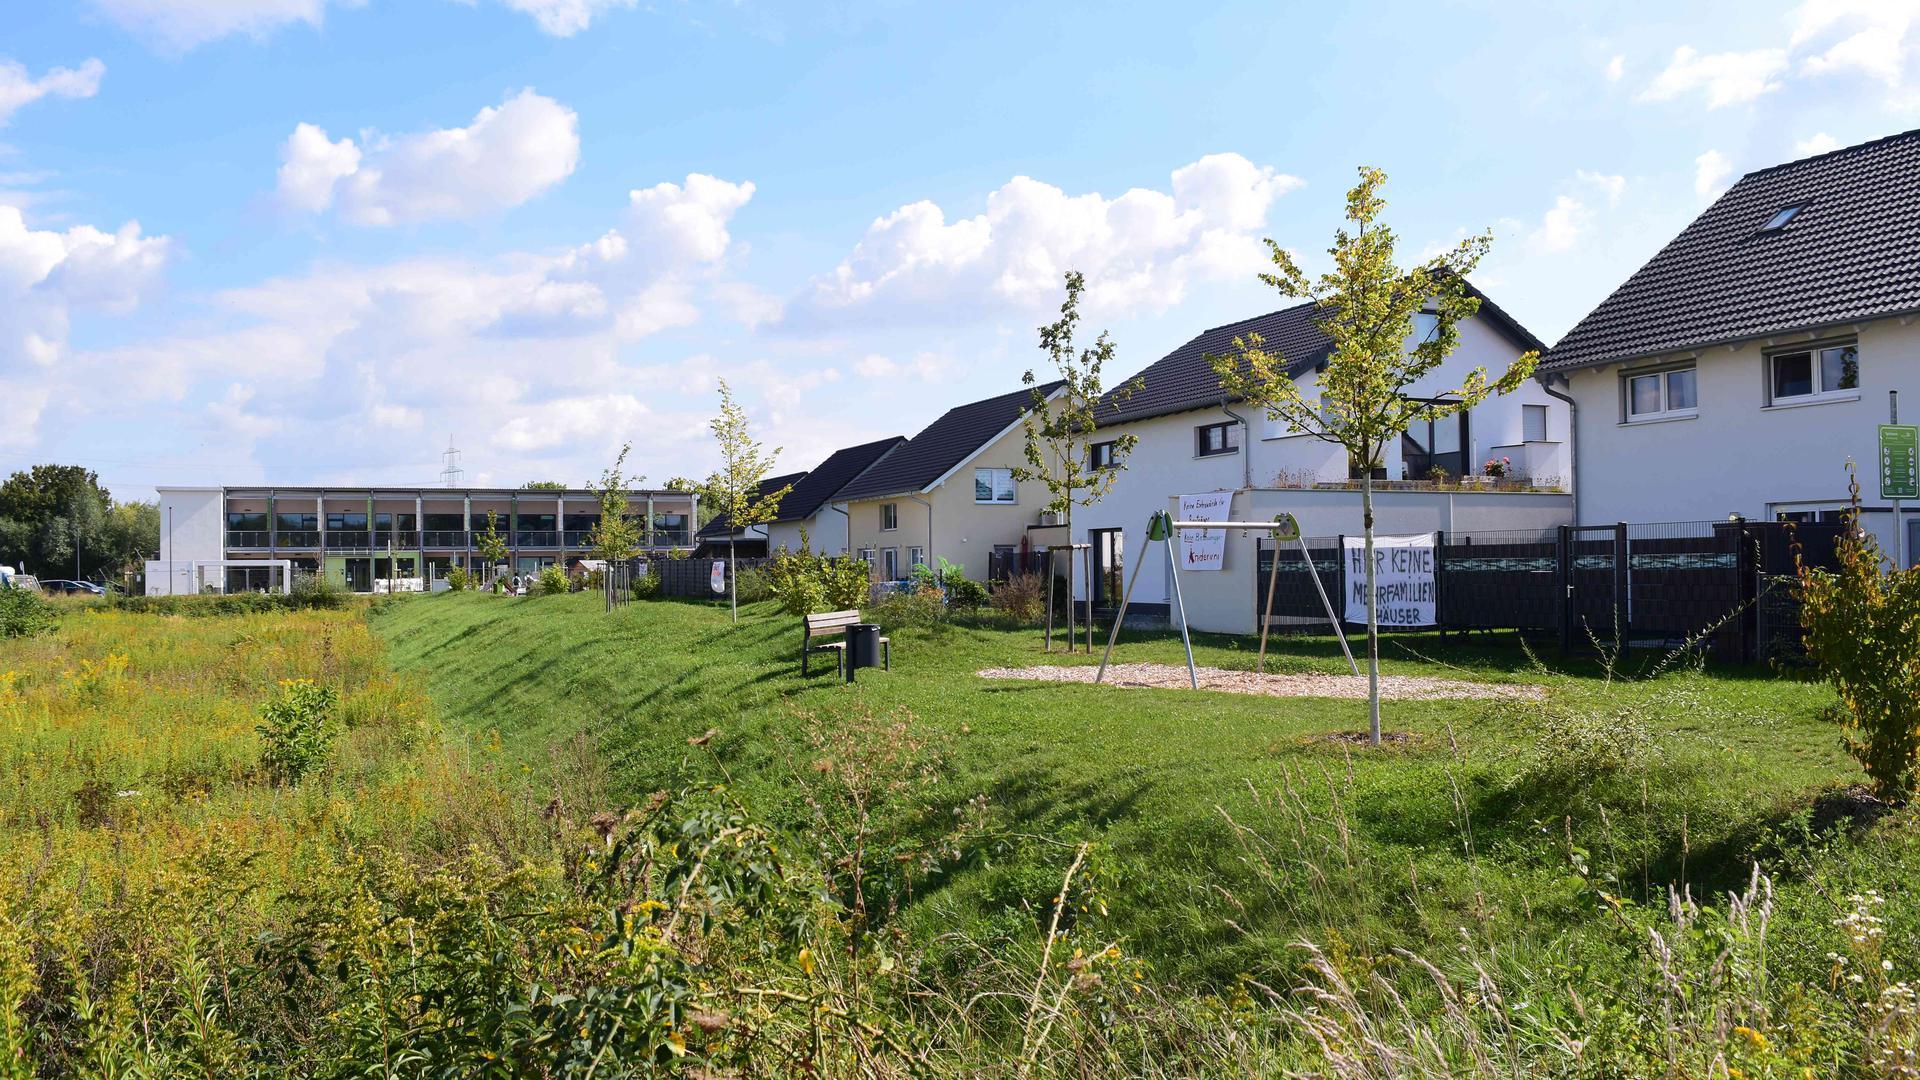 Im Neubaugebiet Abtswald C ist noch ein Grünstreifen für Bauplätze frei. An den angrenzenden Häusern haben die Anwohner Protestplakate aufgehängt.